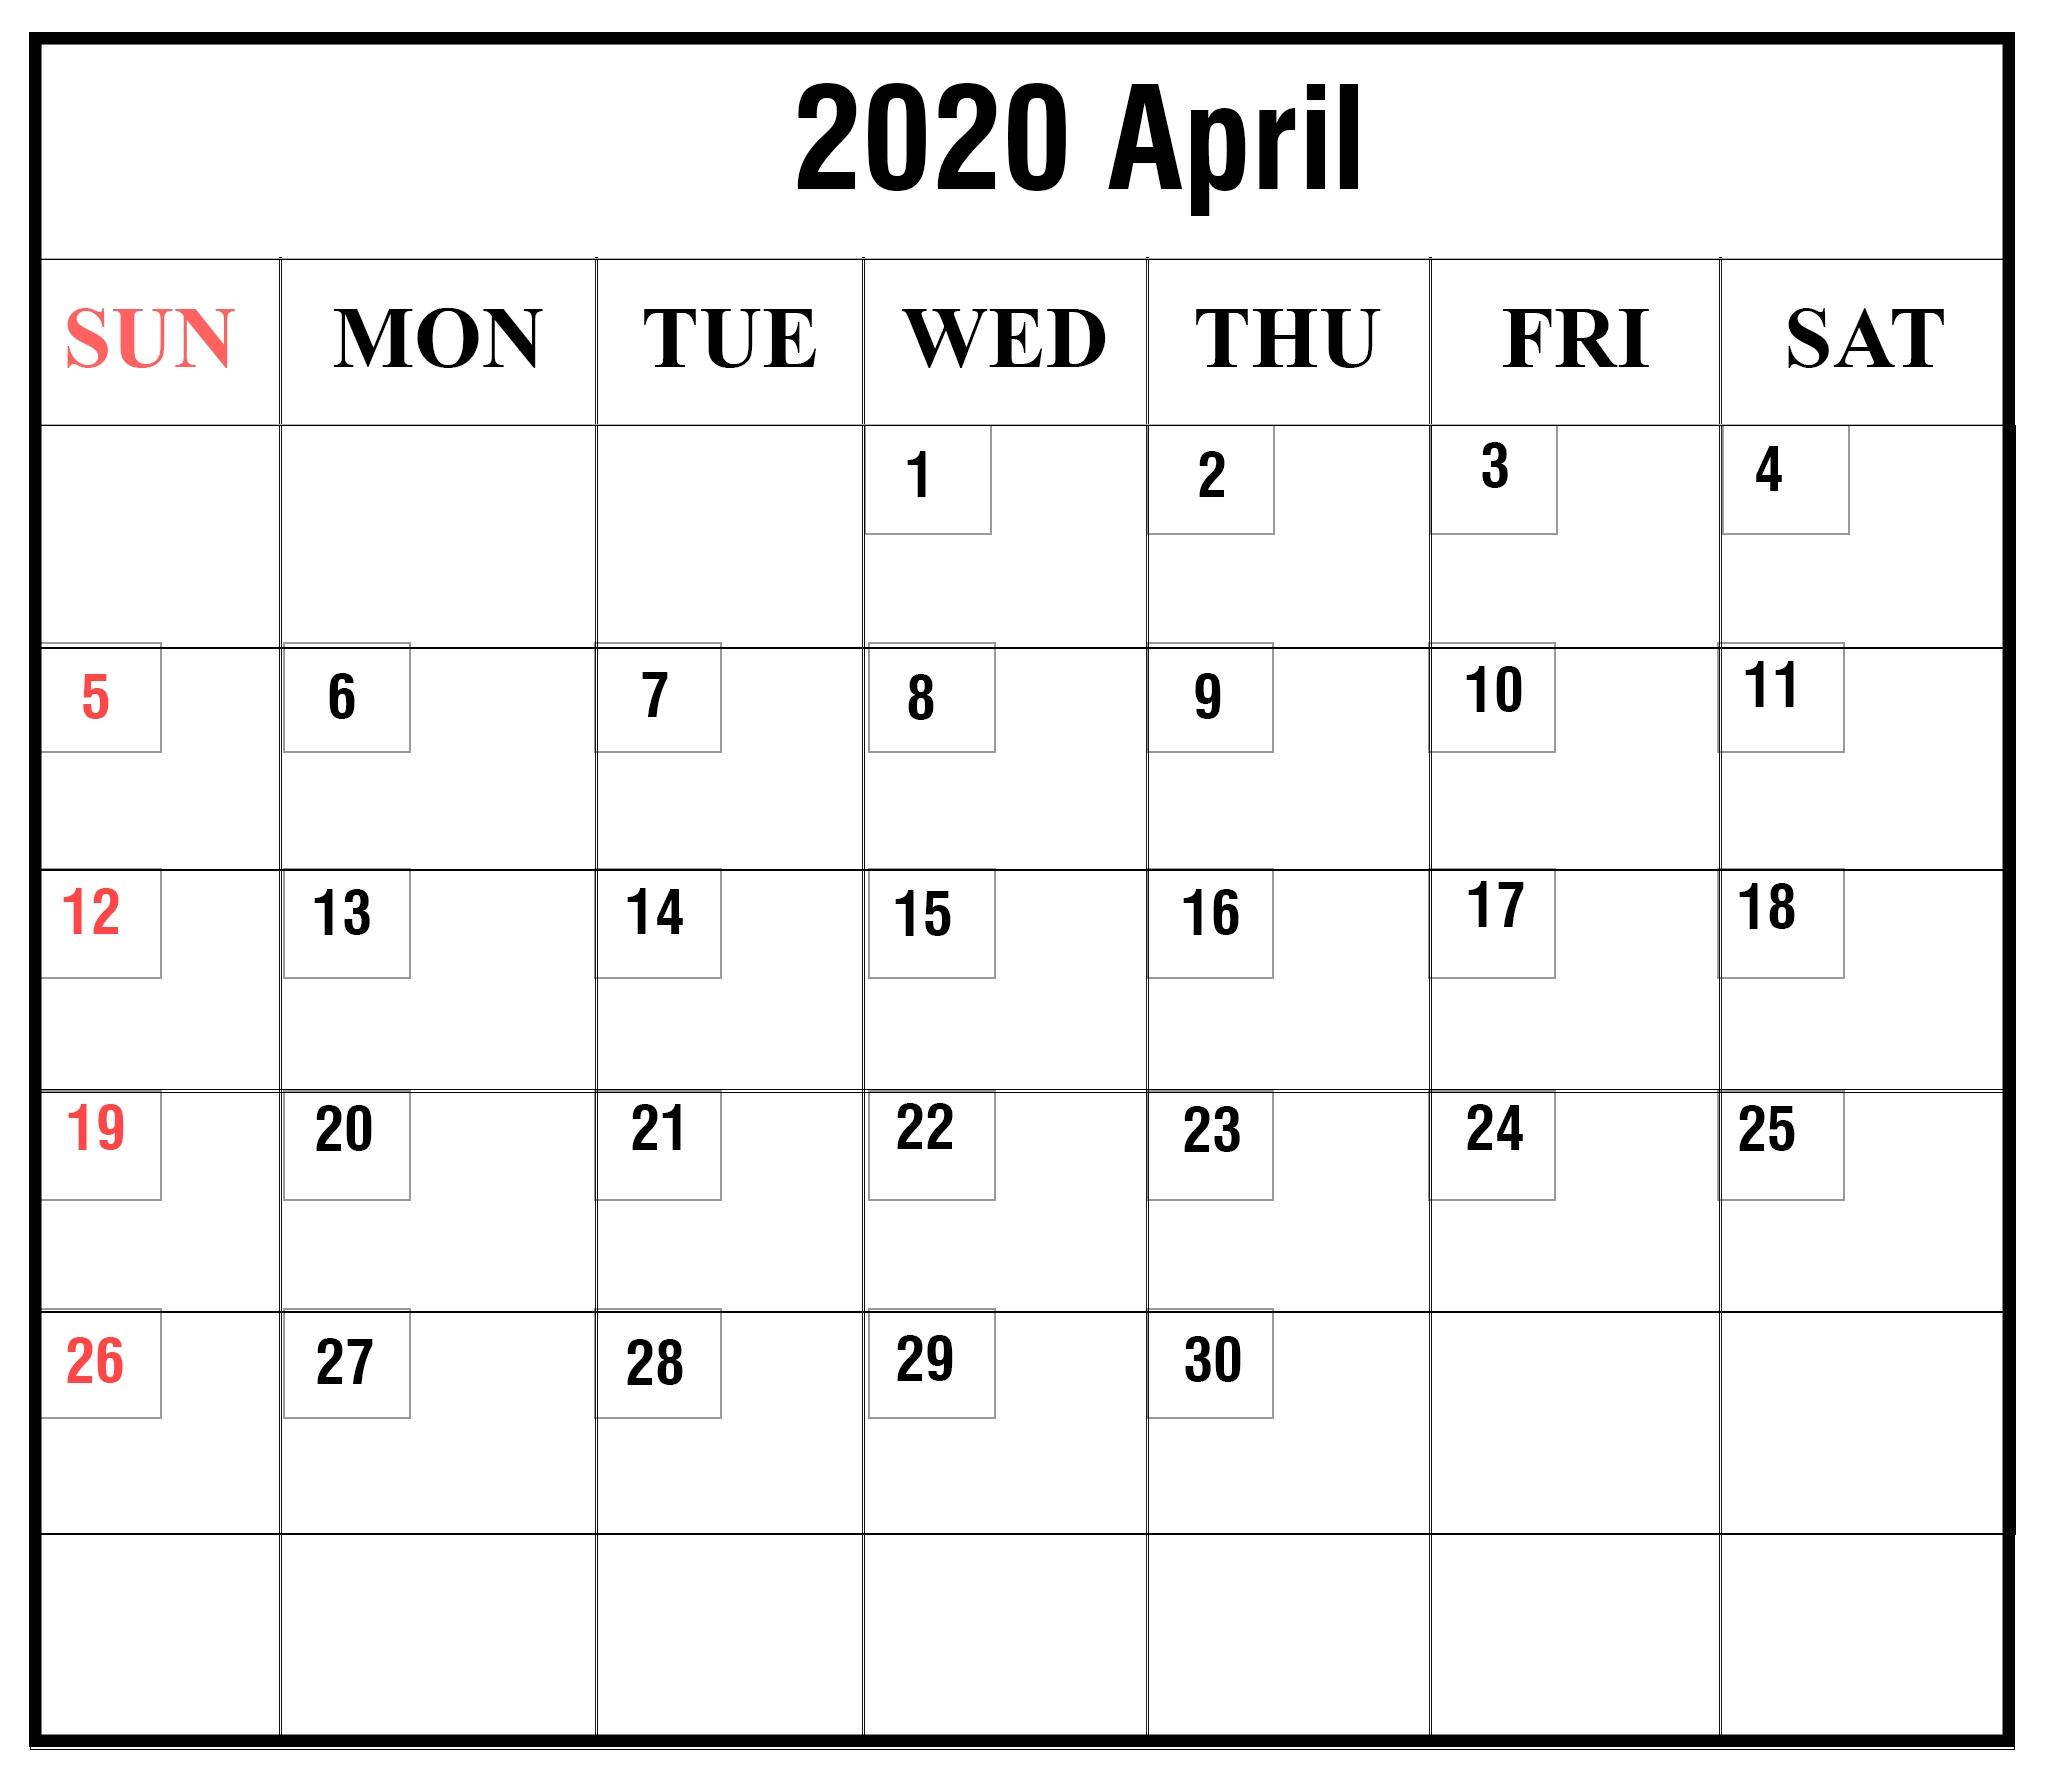 Blank I-9 Form Printable 2020